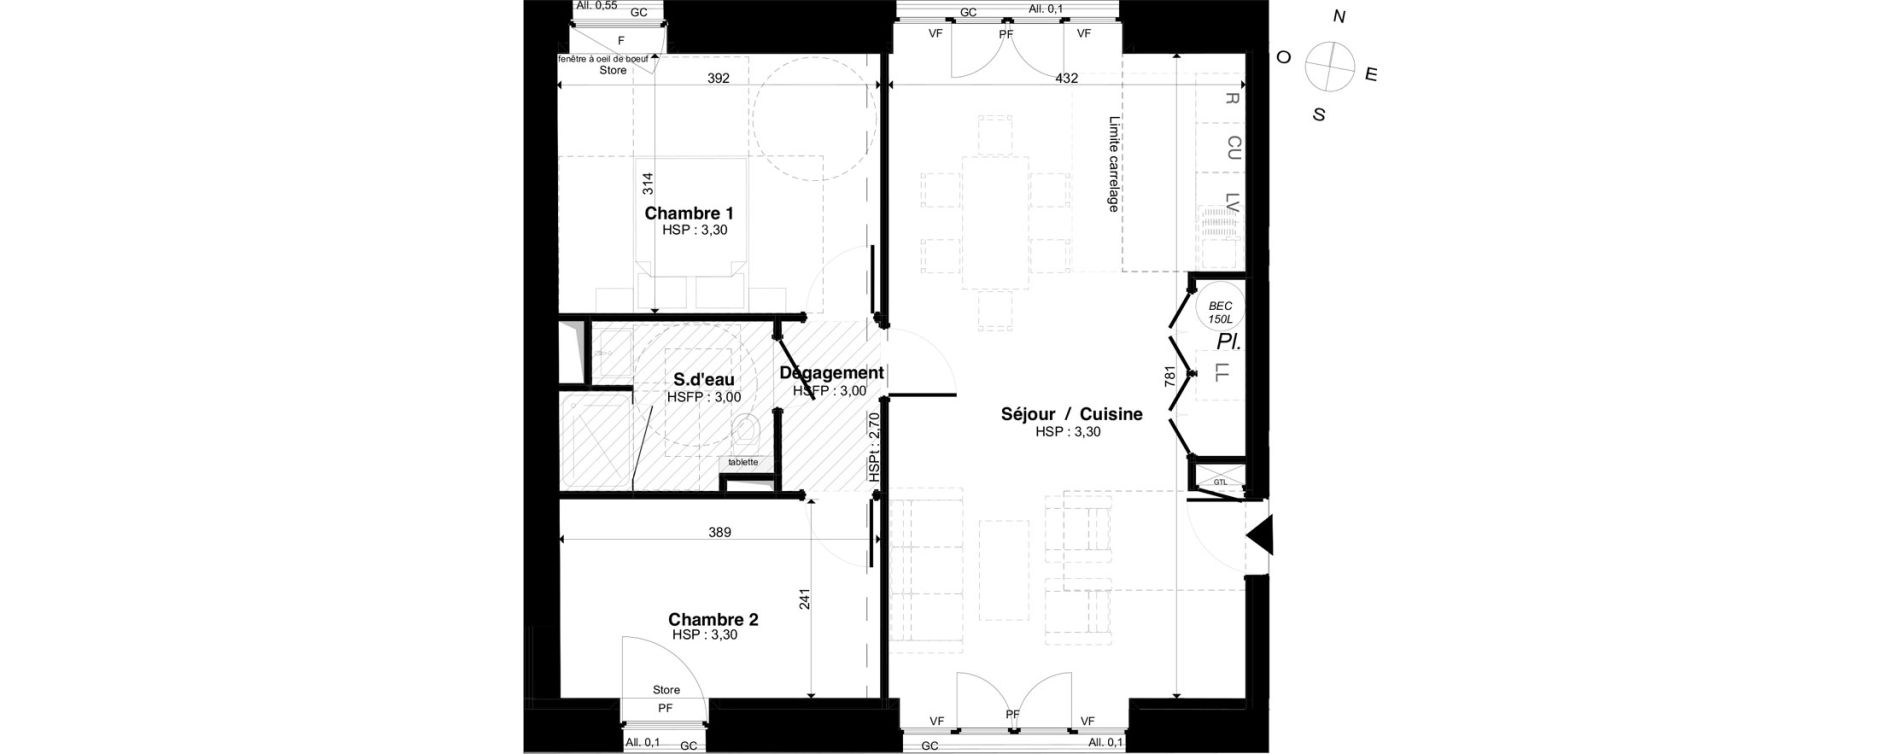 Appartement T3 de 65,62 m2 à Saint-Malo Intra-muros